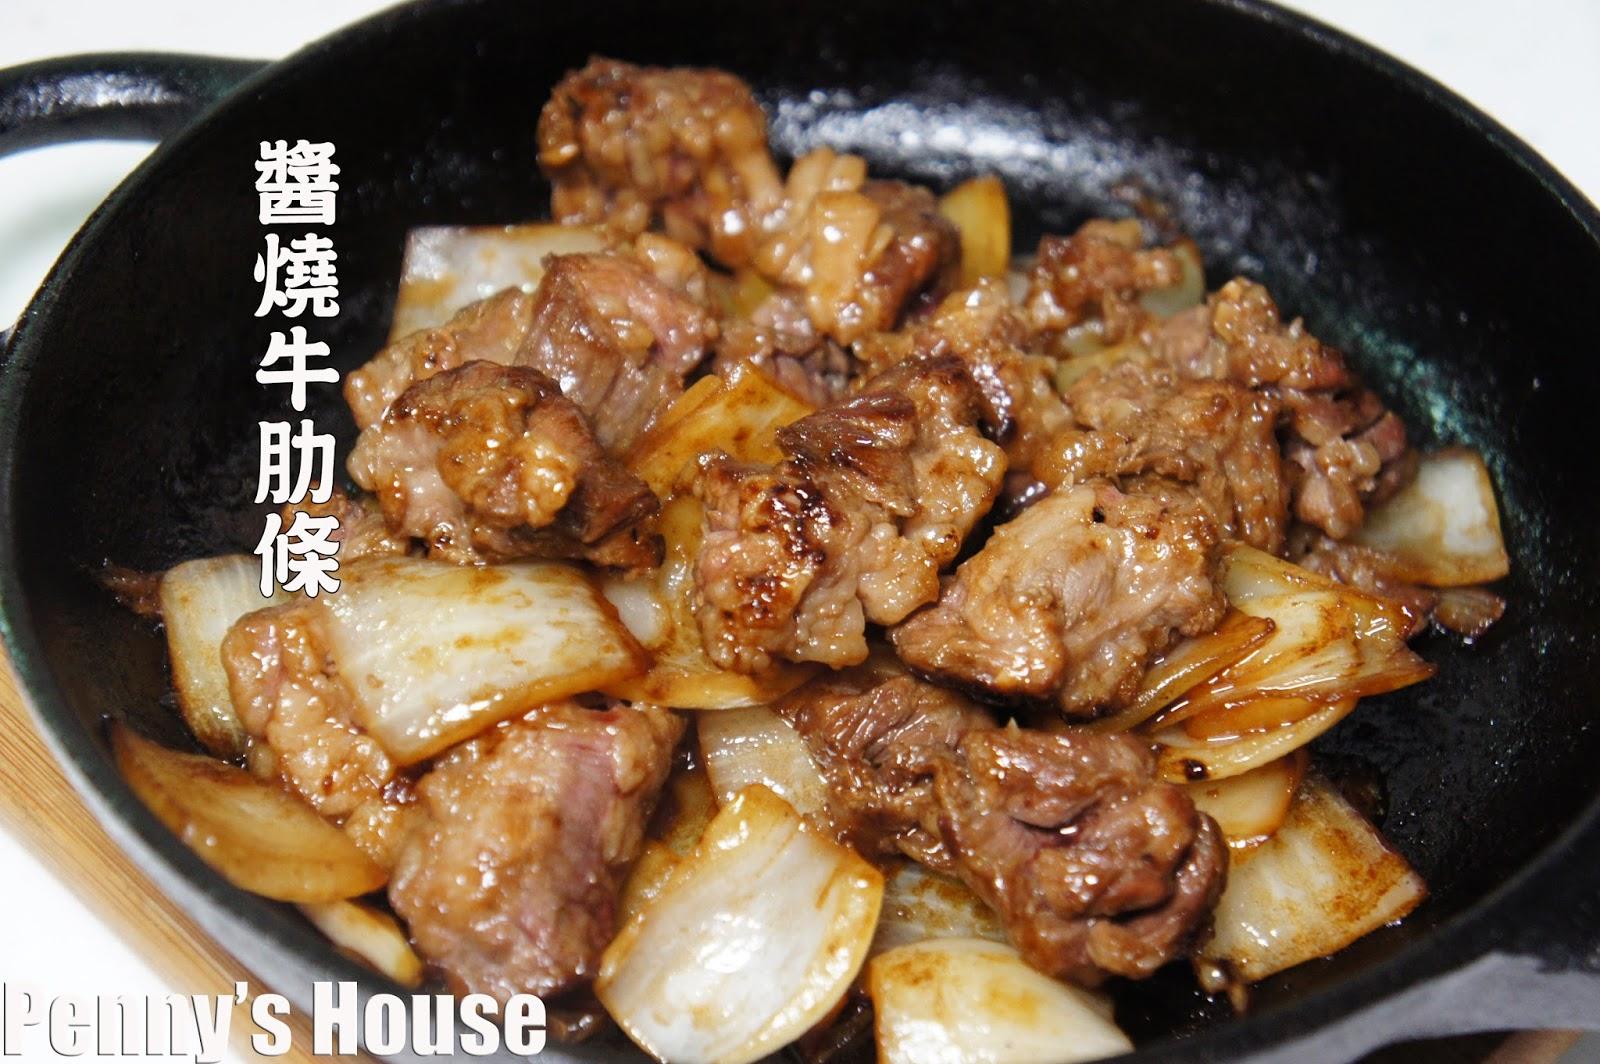 Penny's House: 【食譜】好市多 - 鐵板醬燒牛肋條。韓式醃肉醬+牛肋條 ,香噴噴下酒菜。新手料理,BBQ,牛肋條 ...